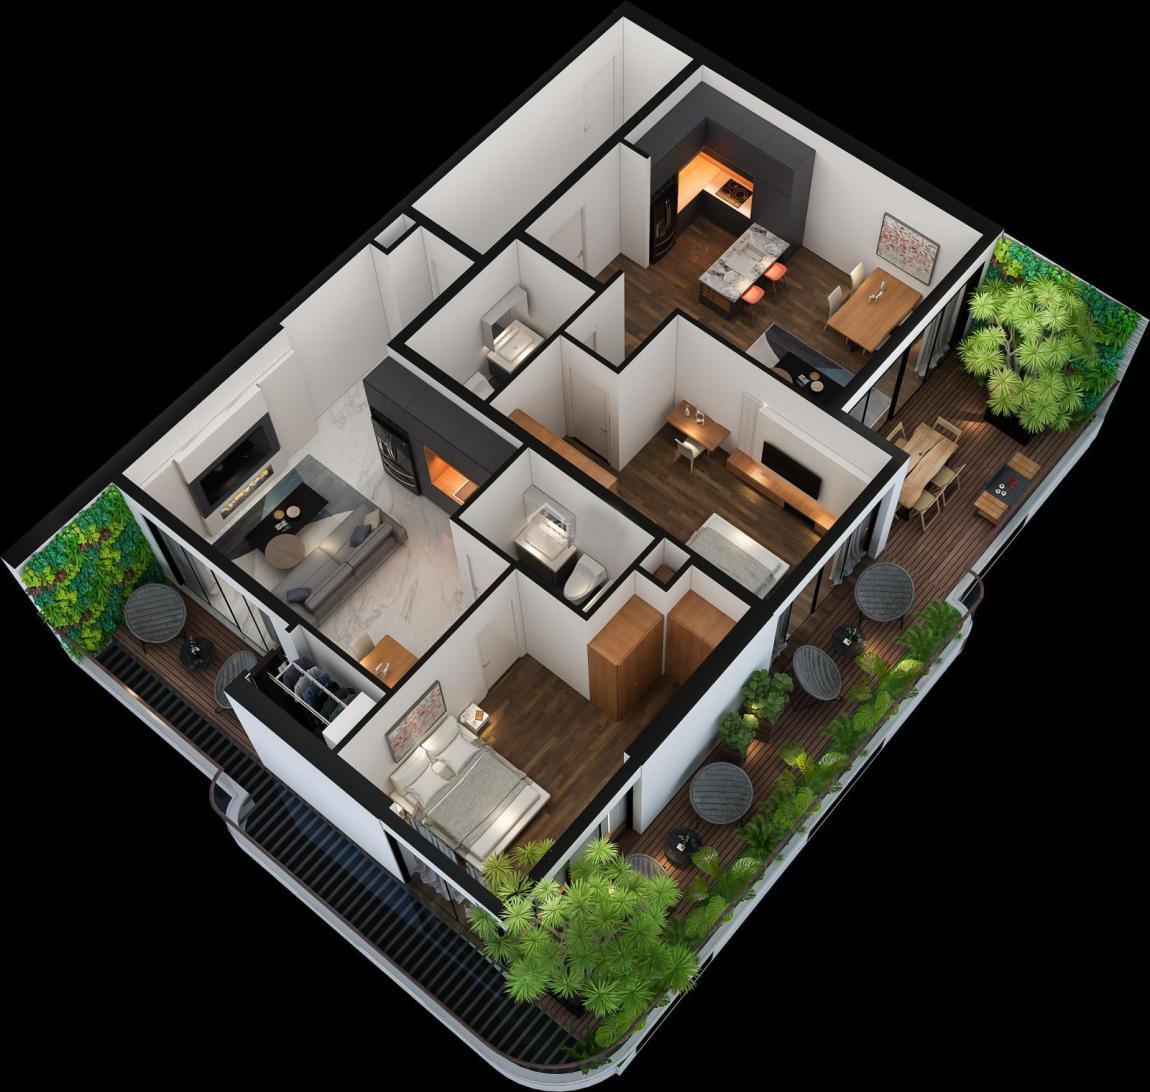 Mô hình thiết kế 3D mẫu căn hộ 2 phòng ngủ dự án Sunshine Horizon Quận 4